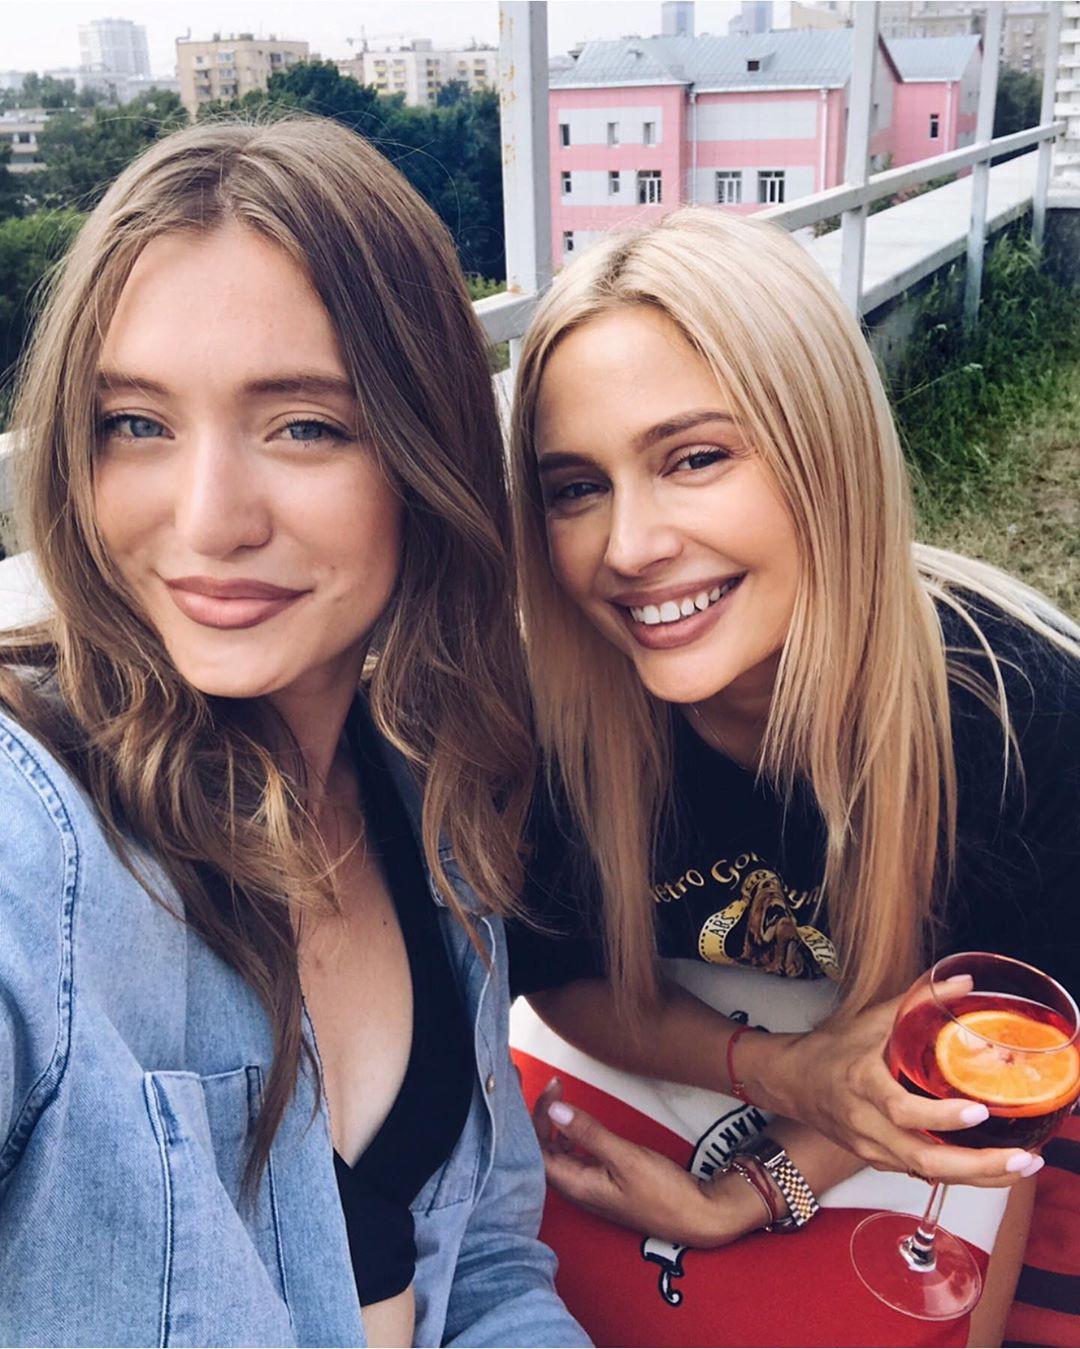 Phụ nữ Nga đẹp nhất nhì thế giới, nhưng chẳng ngờ họ toàn chuộng đồ làm đẹp từ nguyên liệu bình dân dung dị - Ảnh 5